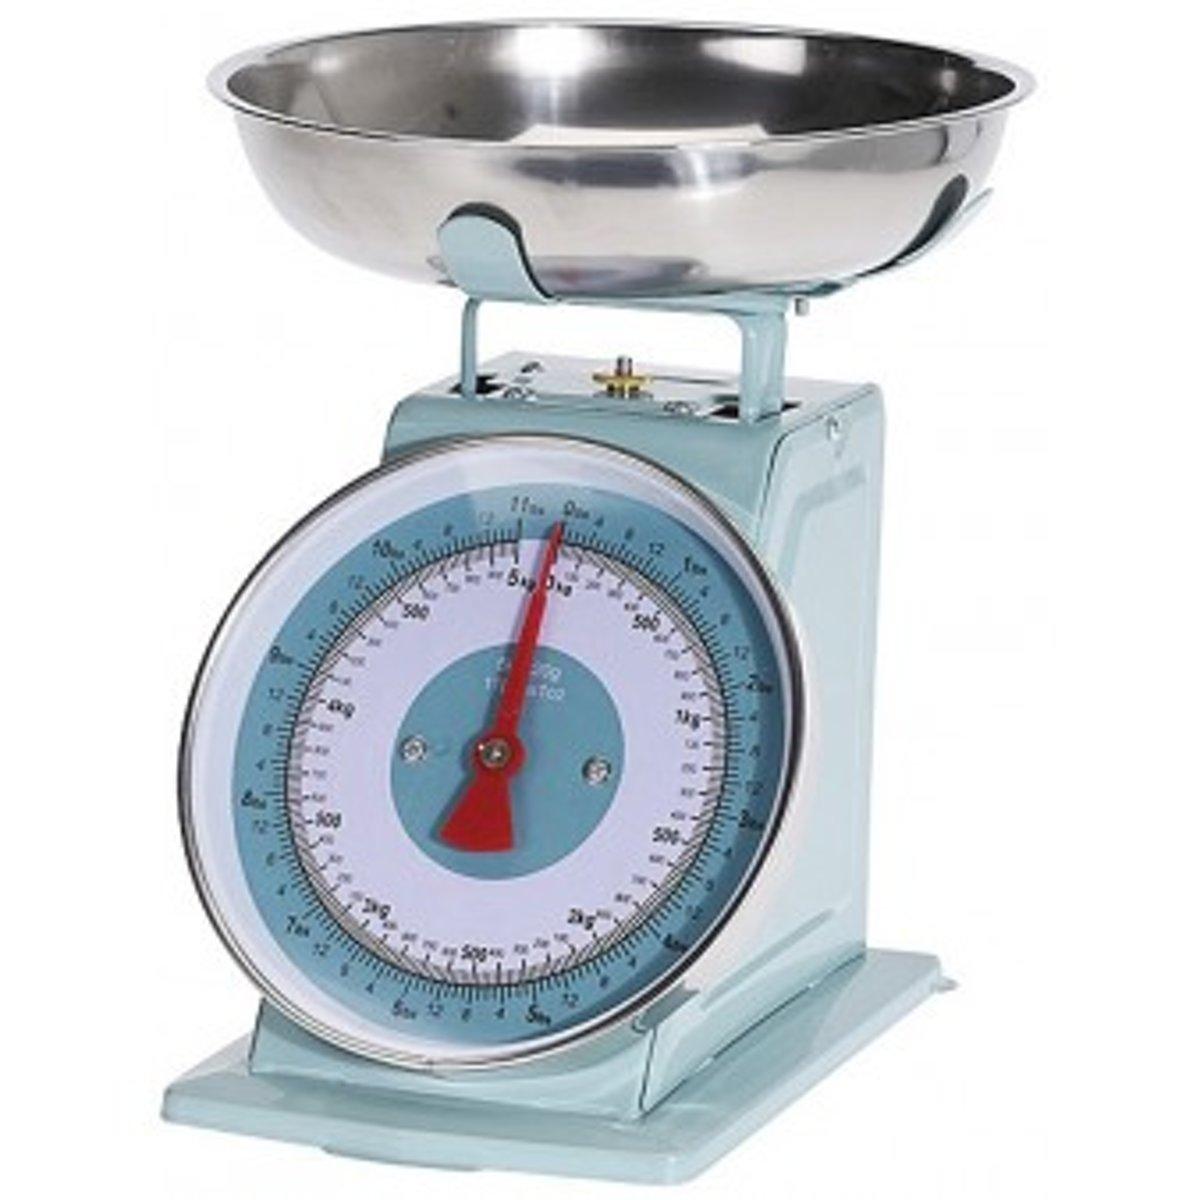 Keukenweegschaal - Retro Keuken weegschaal - Kitchen weegschaal - Mechanische weegschaal - 5kg - Mintgroen